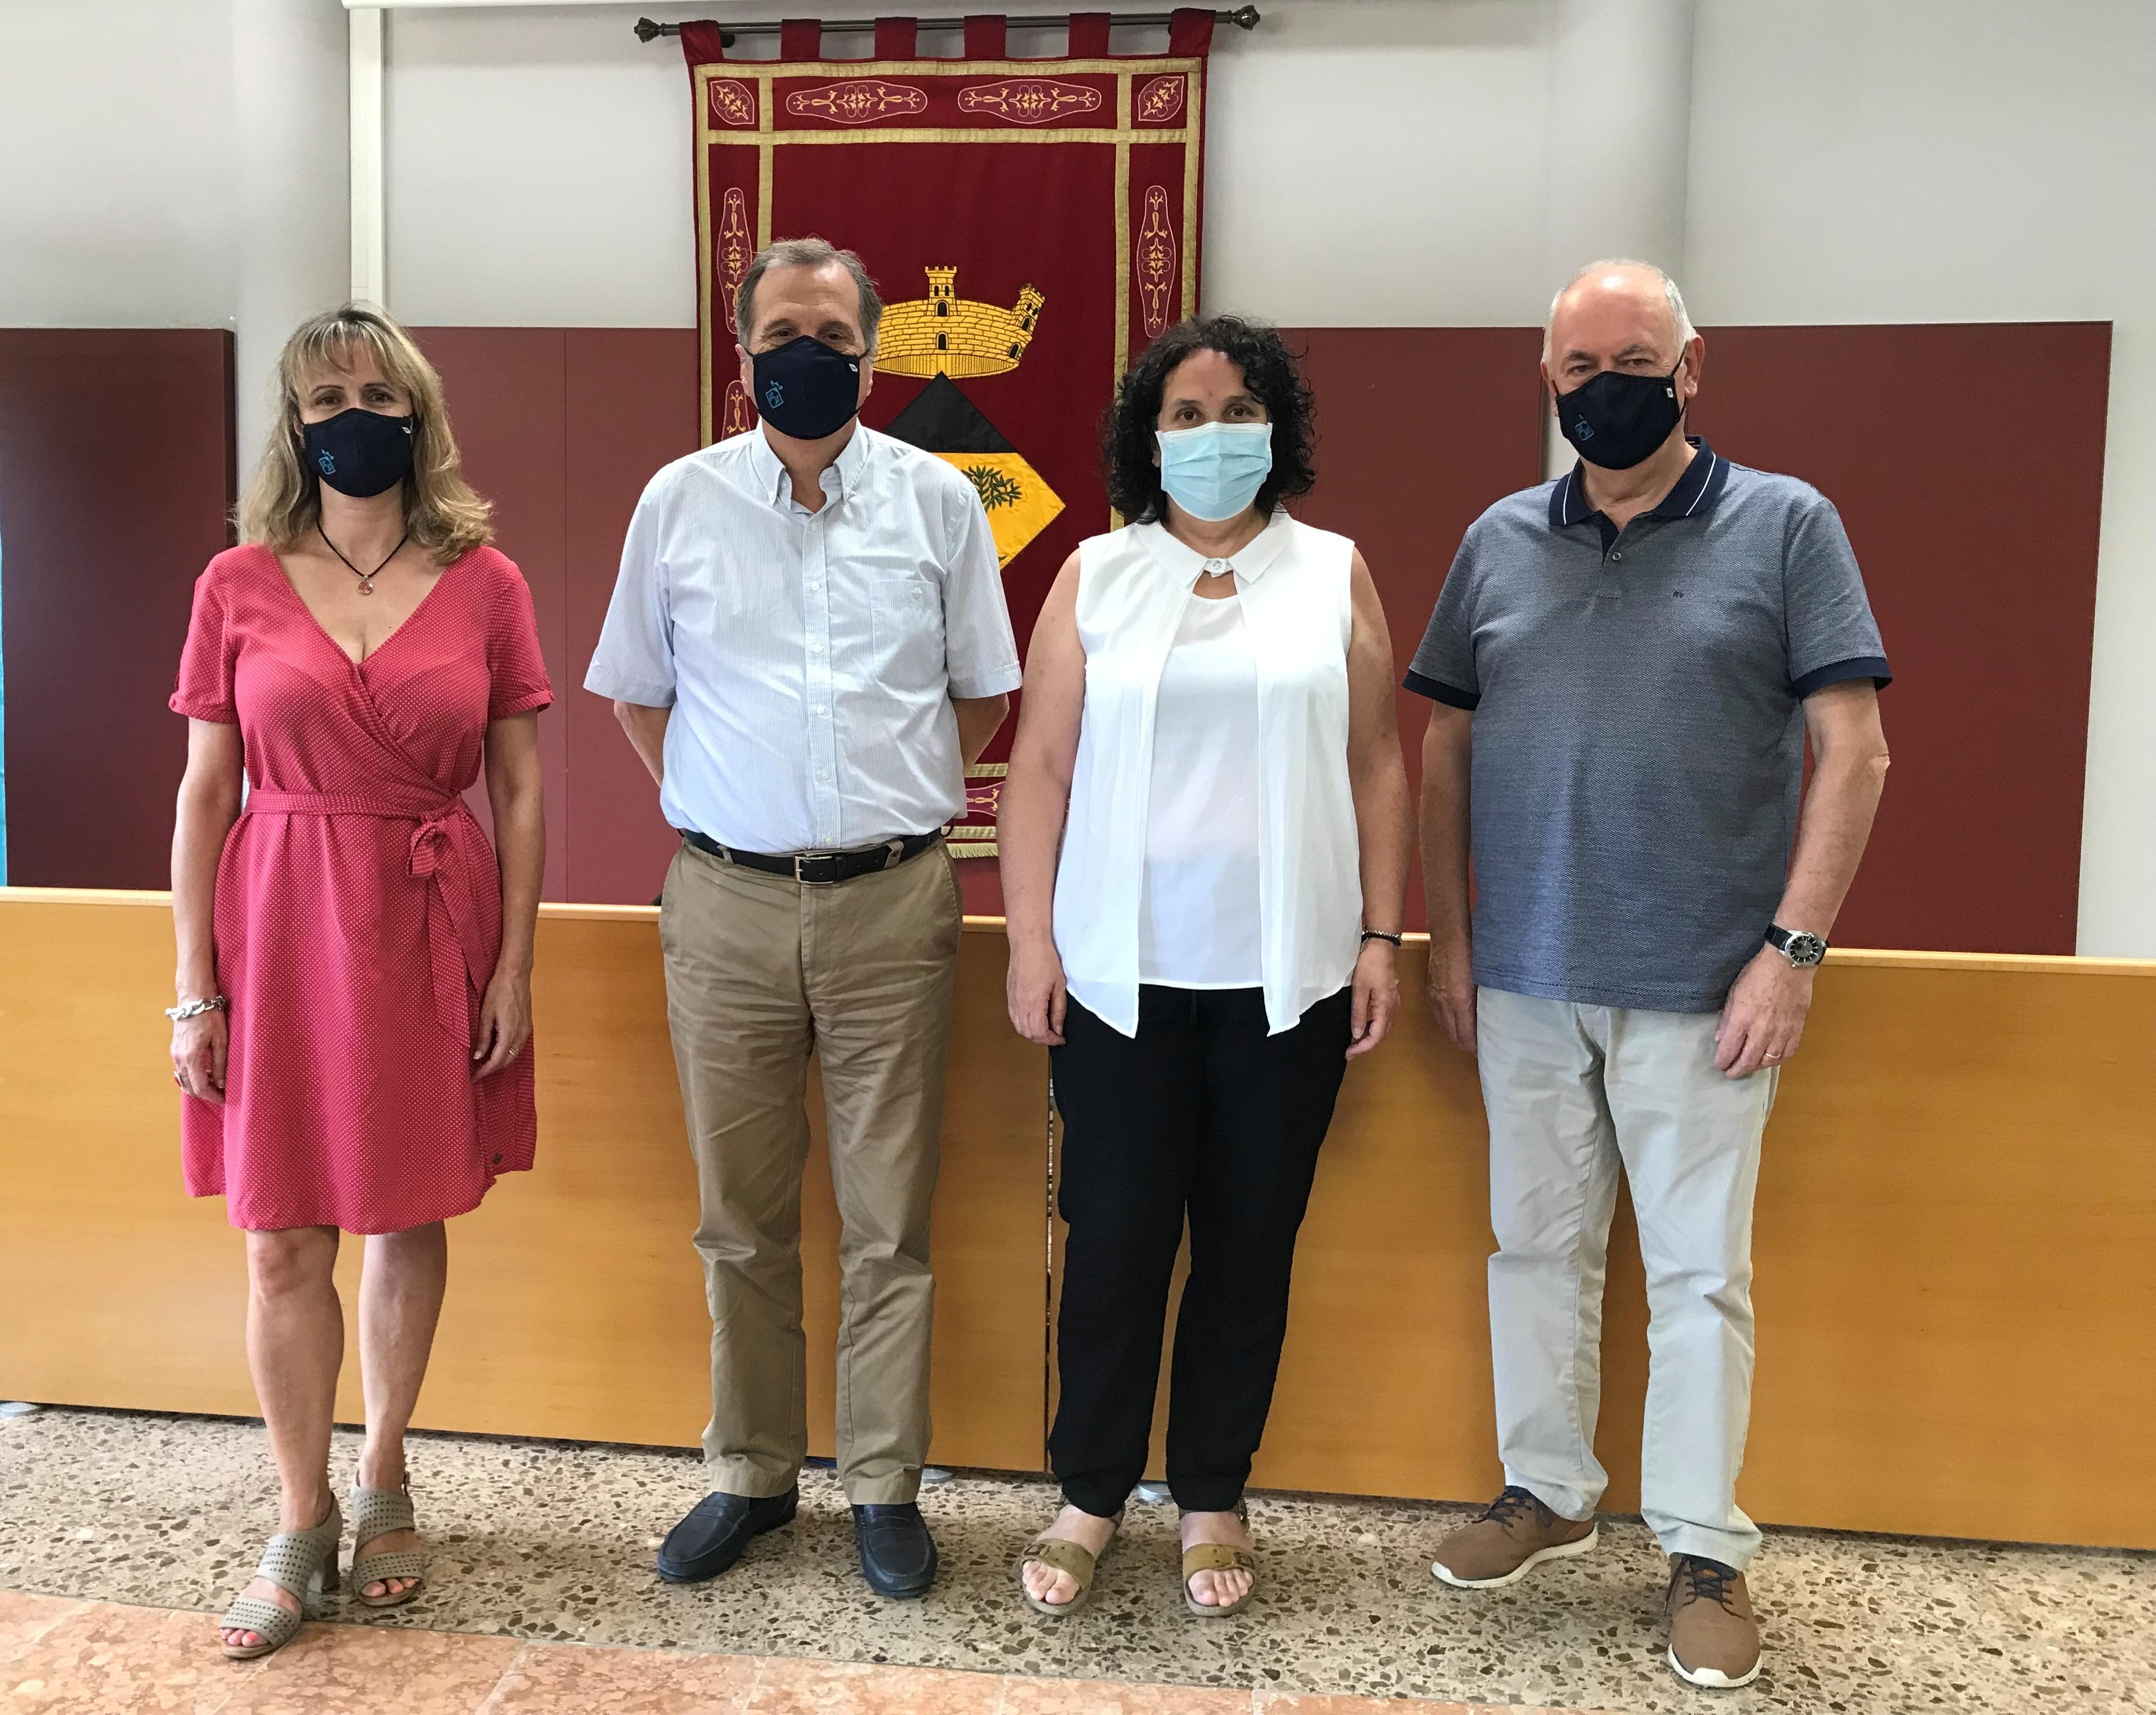 L'Ajuntament de Vandellòs i l'Hospitalet de l'Infant rep la visita de la presidenta del Consell Comarcal del Baix Camp